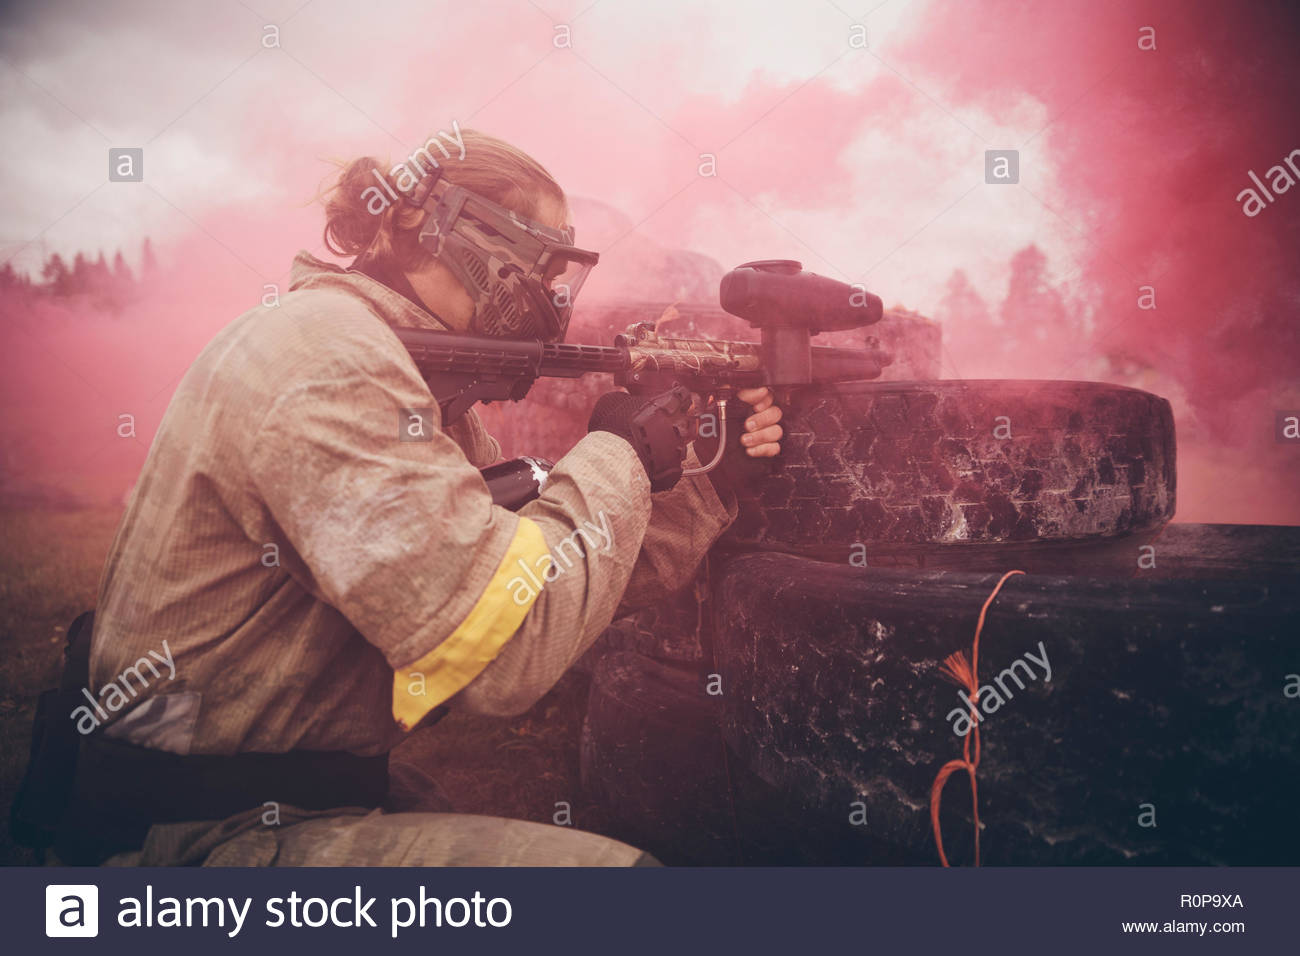 Red smoke surrounding man paintballing - Stock Image